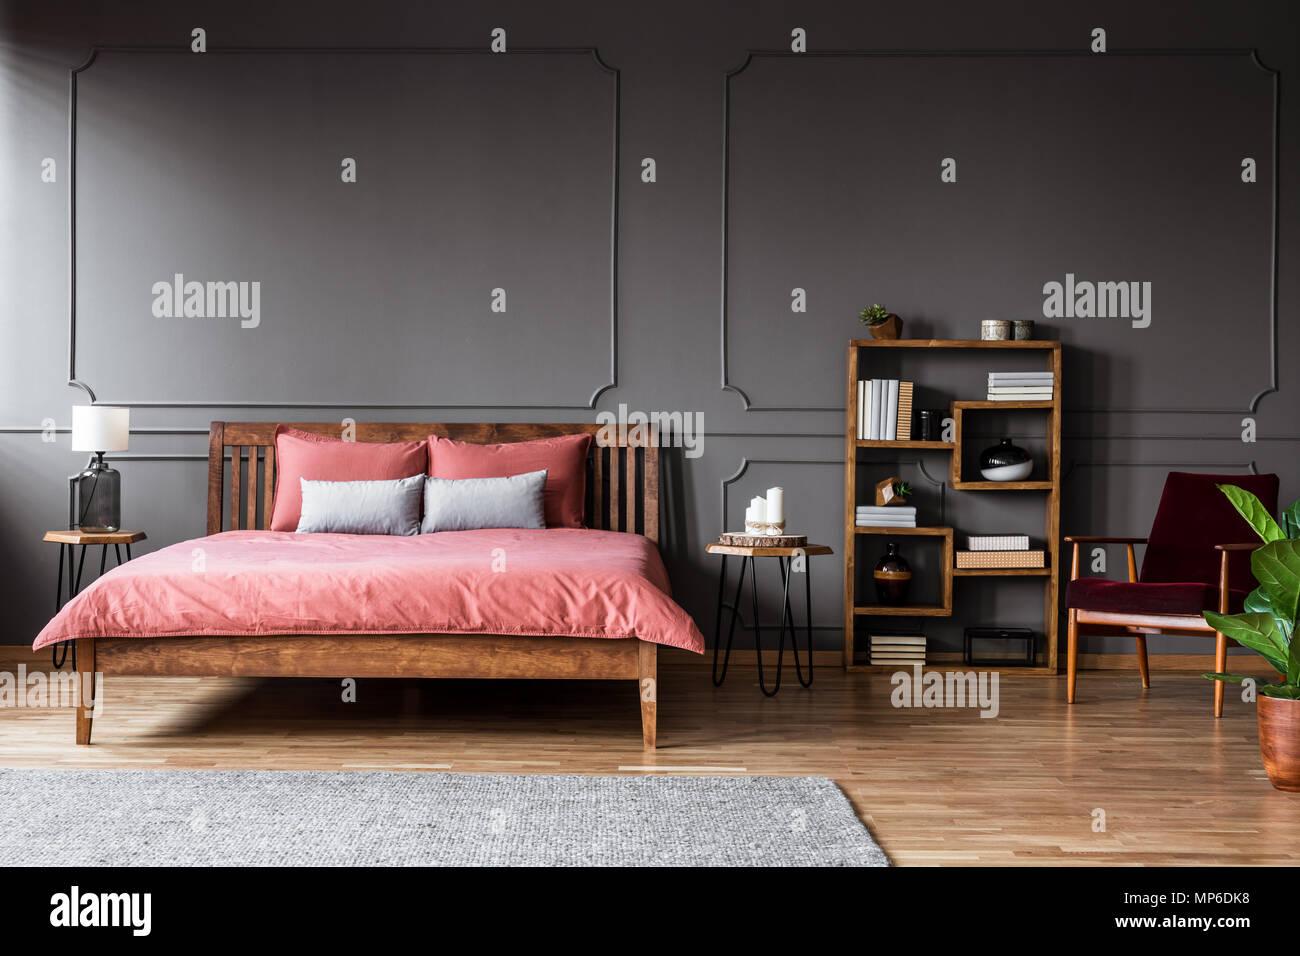 Chambre Avec Un Mur Noir photo réelle d'une chambre spacieuse avec lit de l'intérieur